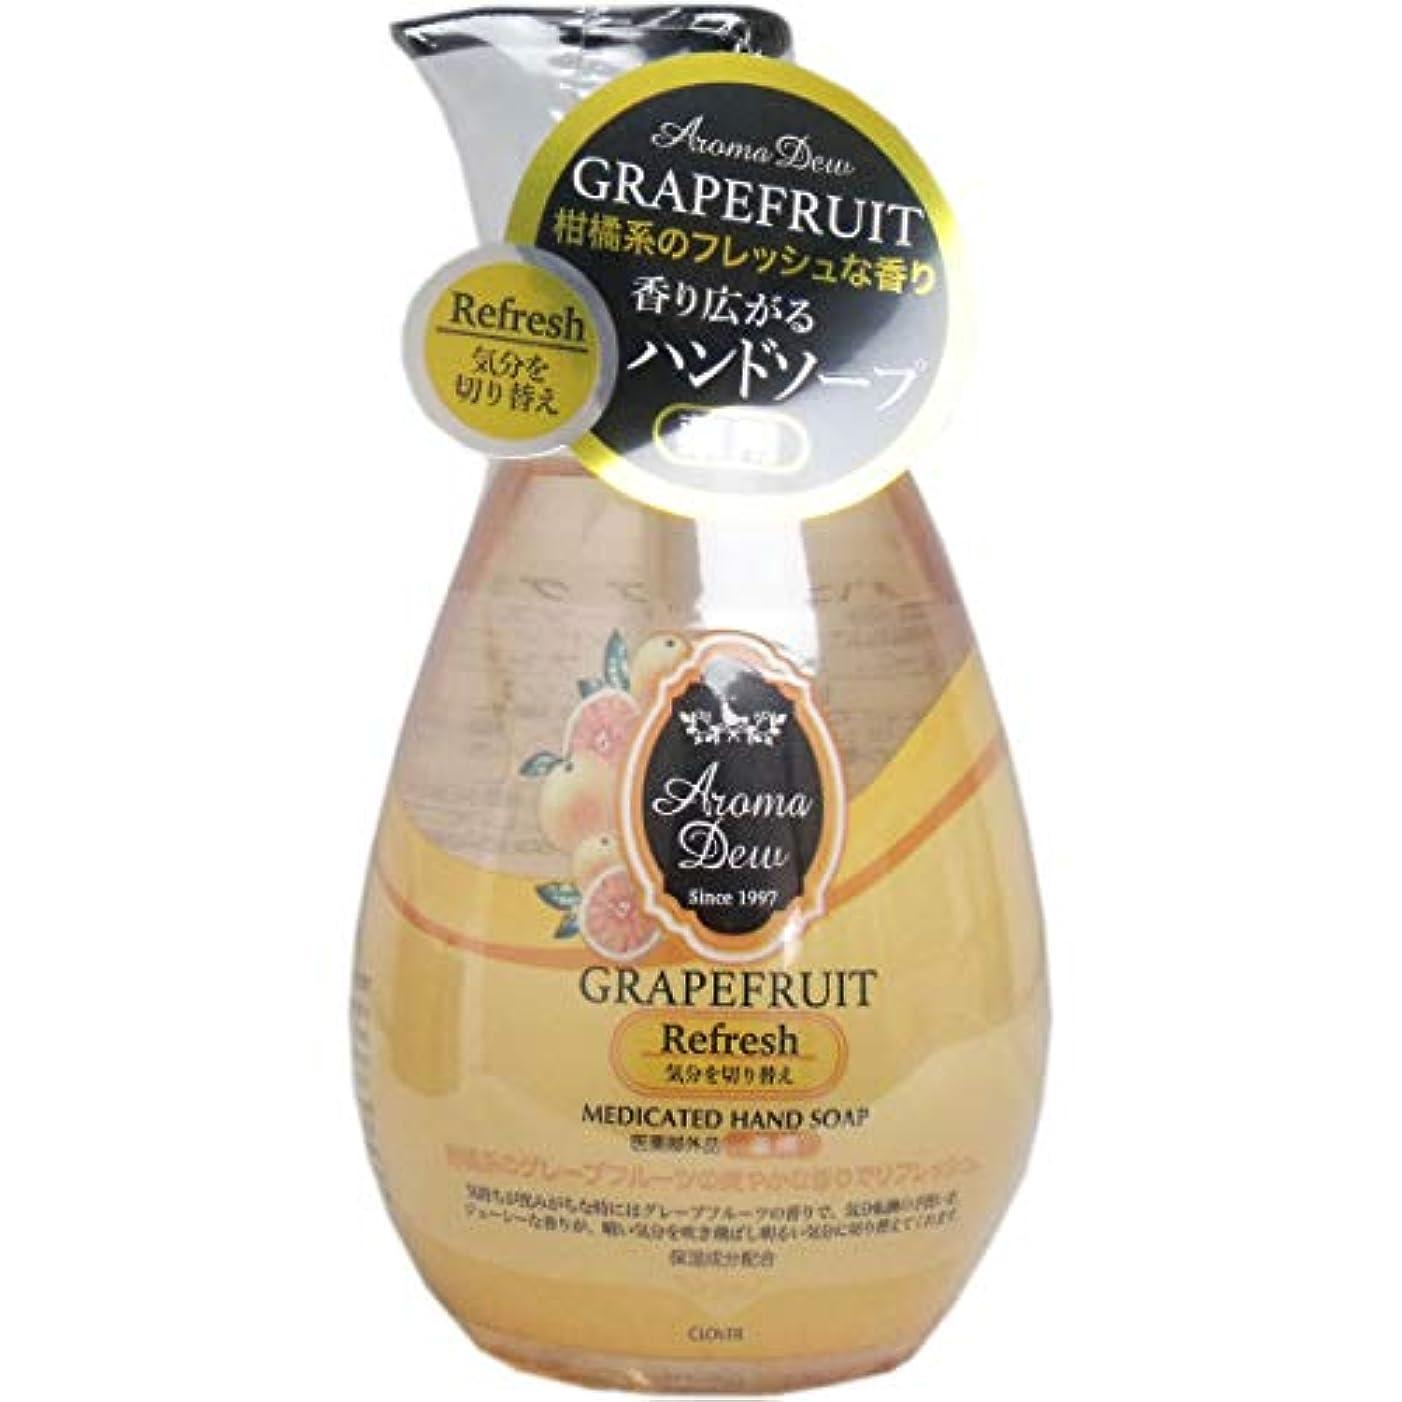 エッセンス隠された熟練した薬用アロマデュウ ハンドソープ グレープフルーツの香り 260mL×5個セット(管理番号 4901498104453)